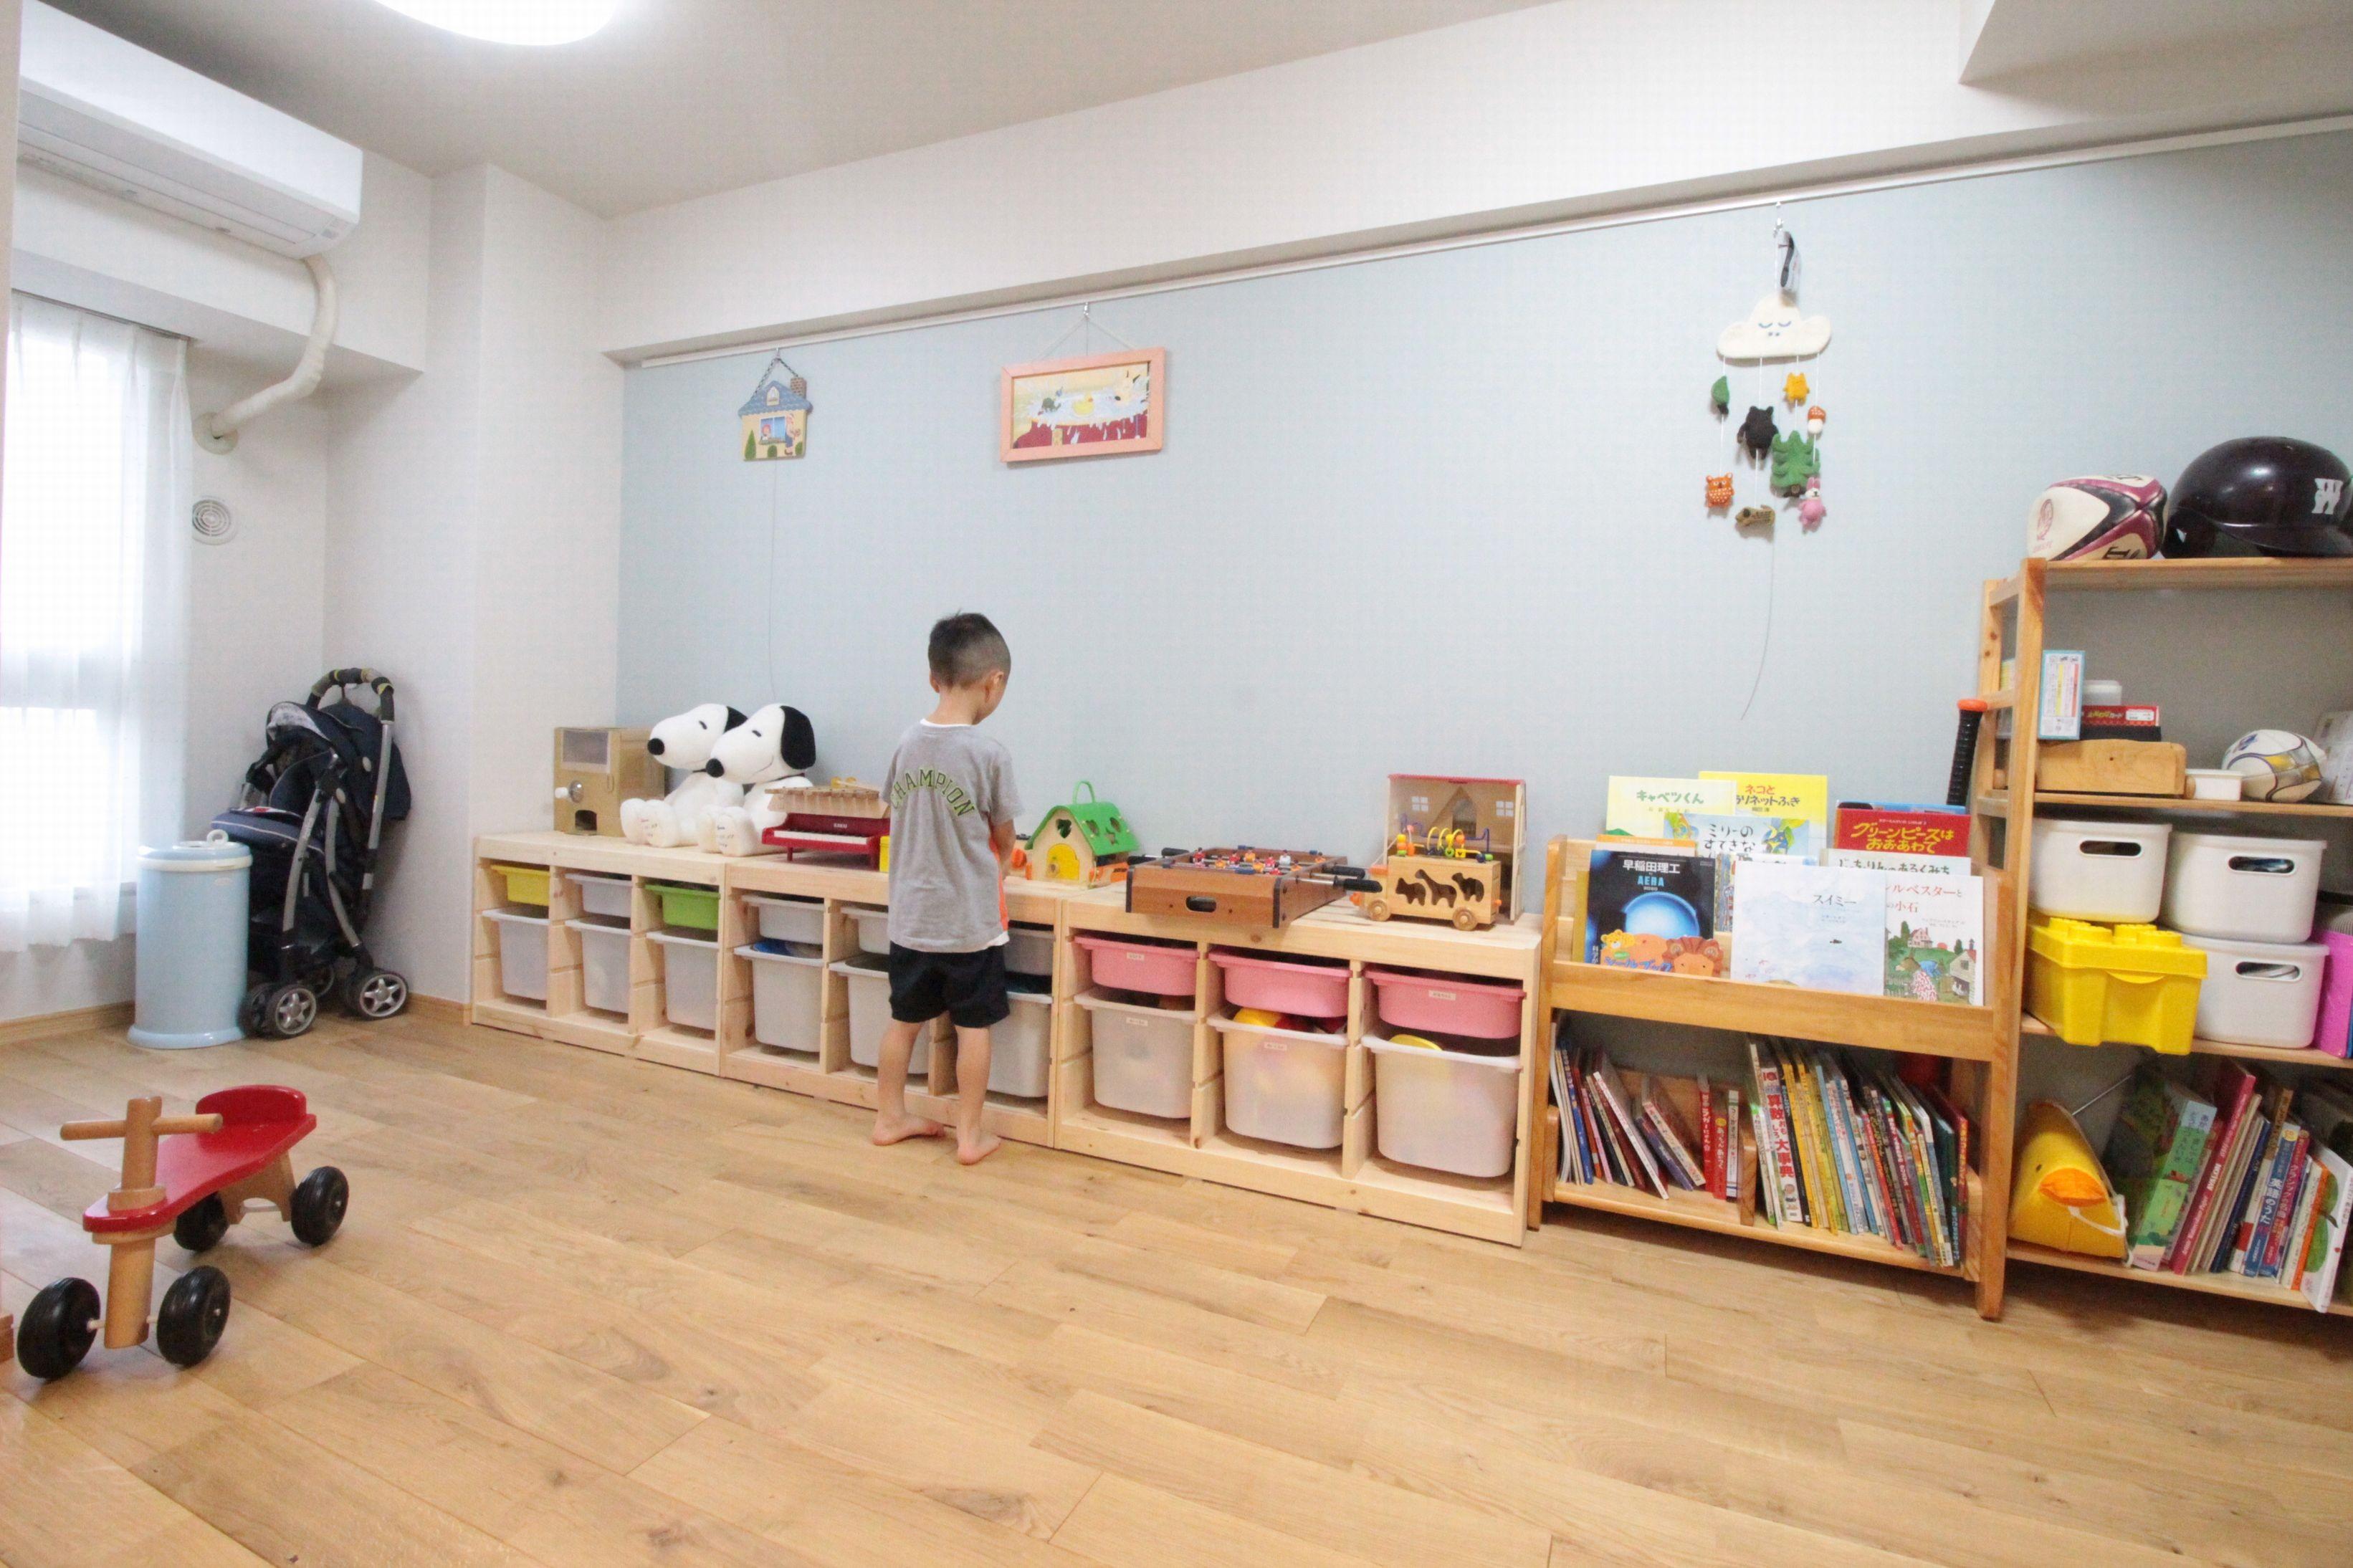 子供部屋事例:おもちゃも整理整頓!広々とした子供部屋(回遊性で家事ラク!開放感で子どもが喜ぶ間取りに!)